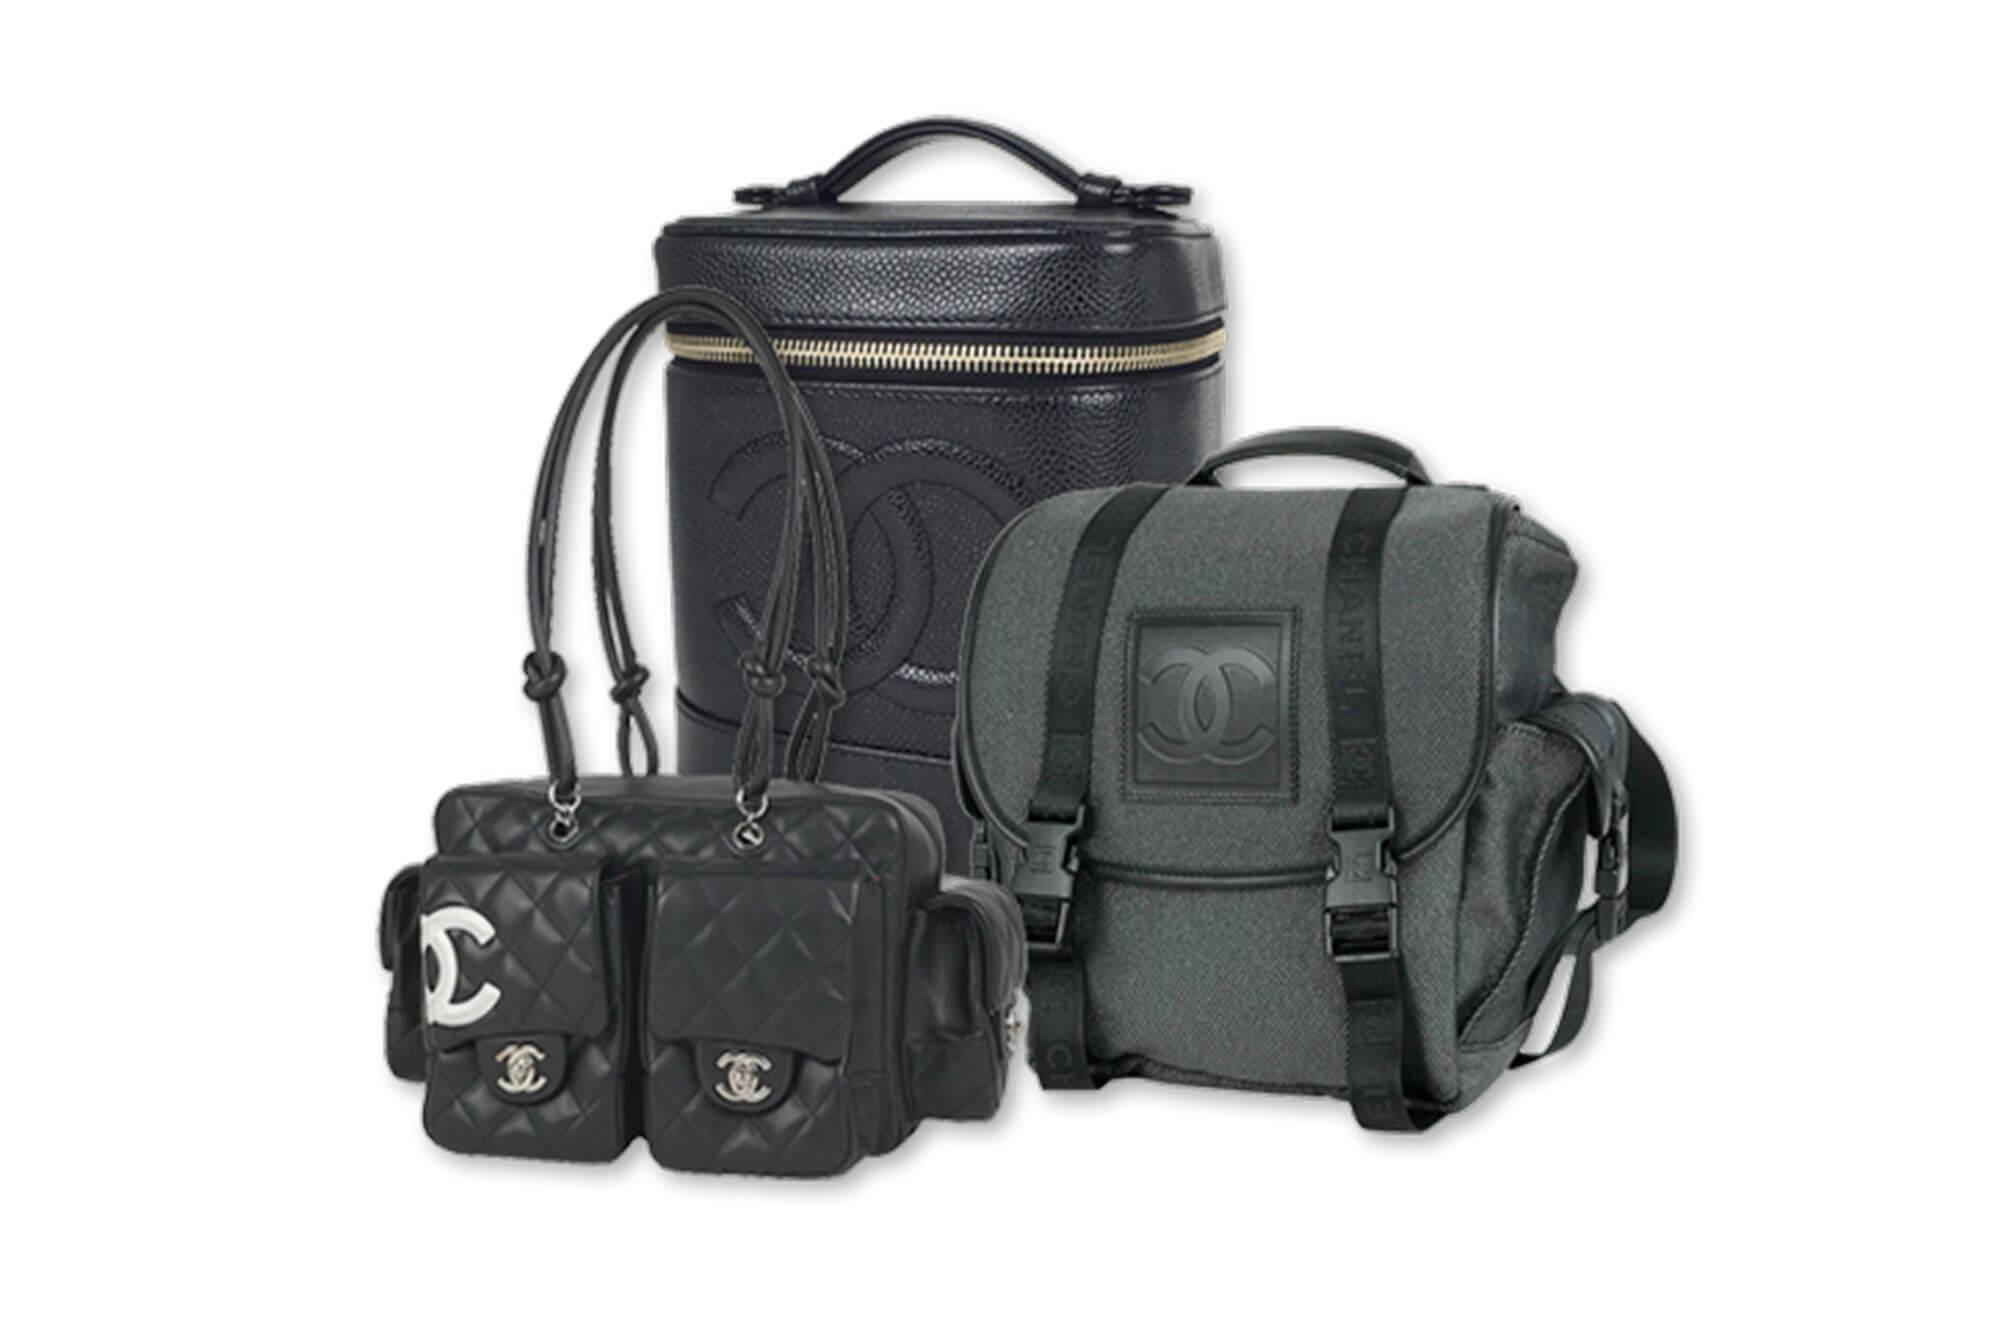 シャネルのバッグの買取需要はある?どんな種類が人気?